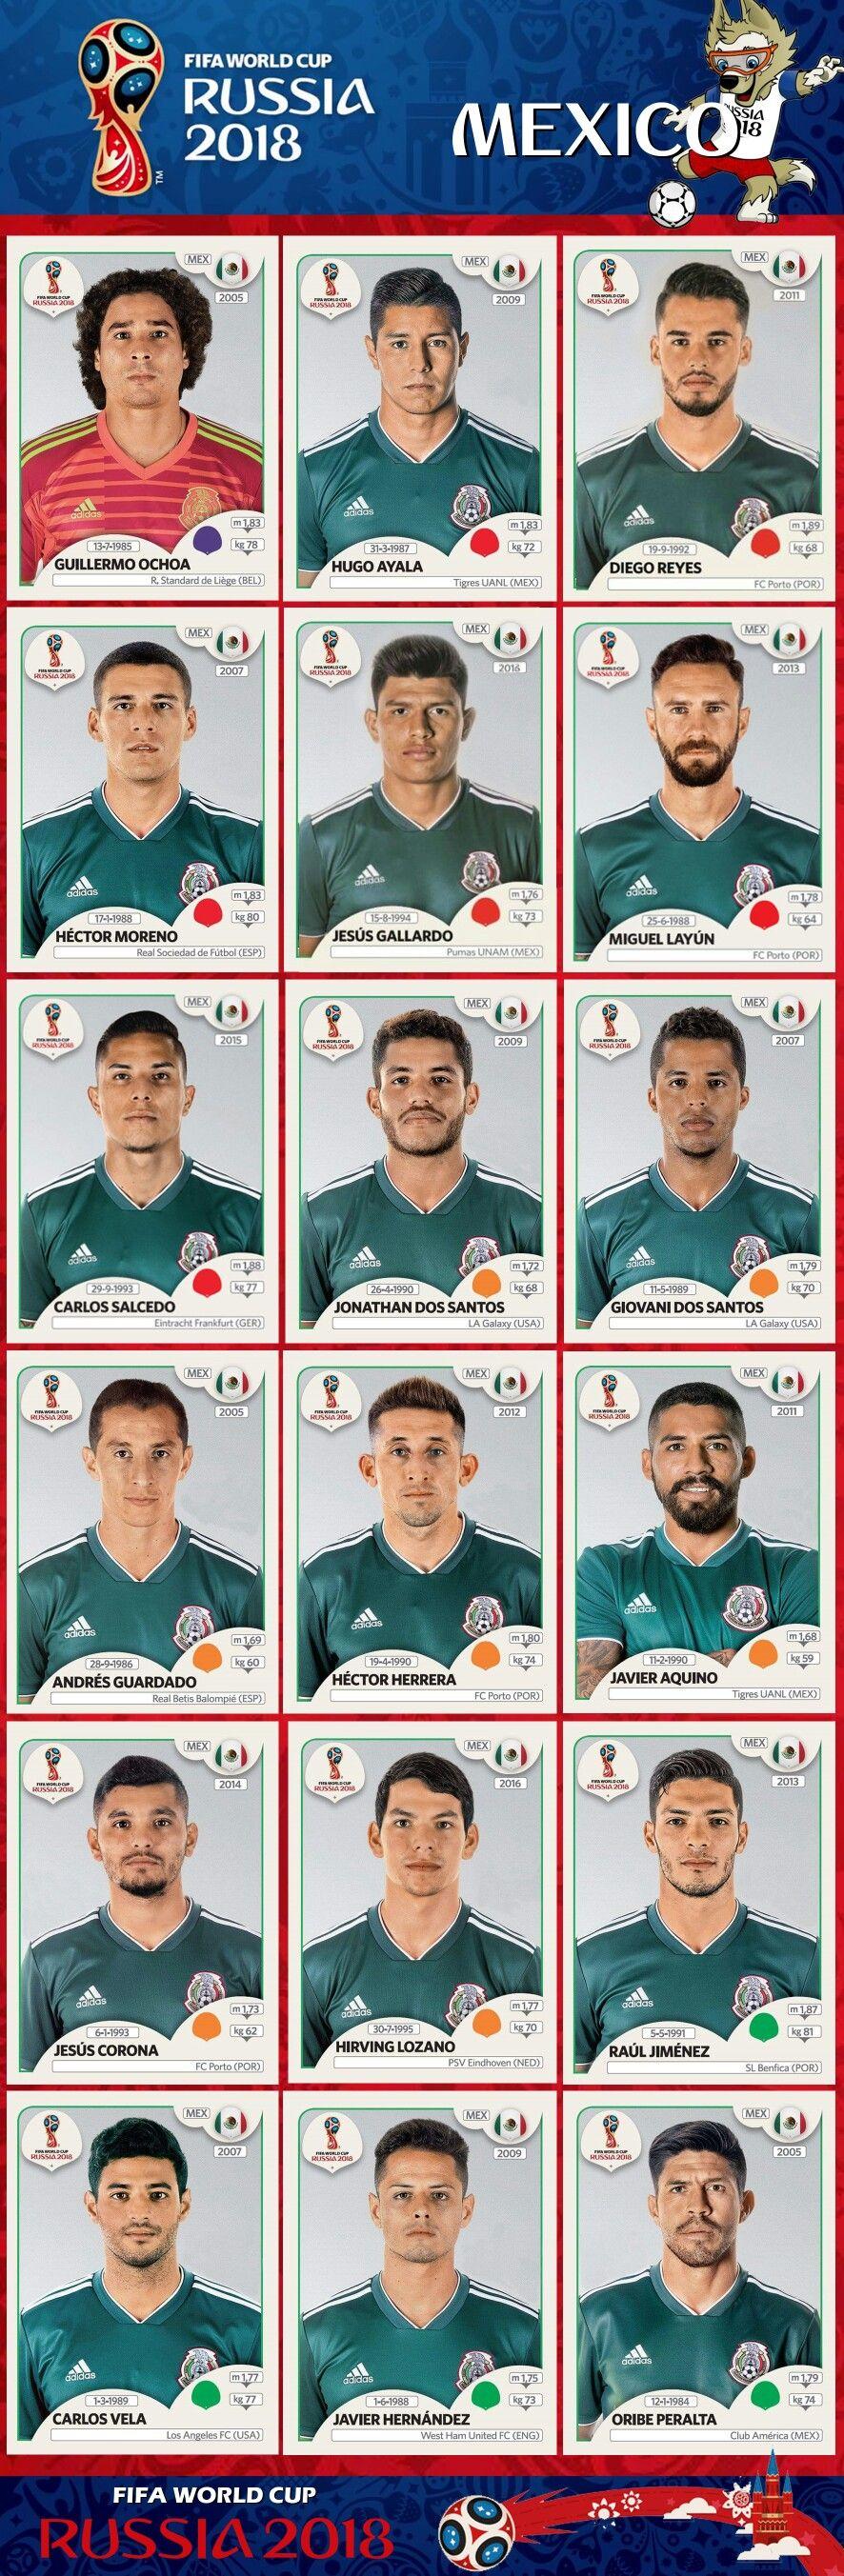 Panini Stickers Mexico National Team Fifa World Cup 2018 Rusia 2018 Rusia Copa Del Mundo 2018